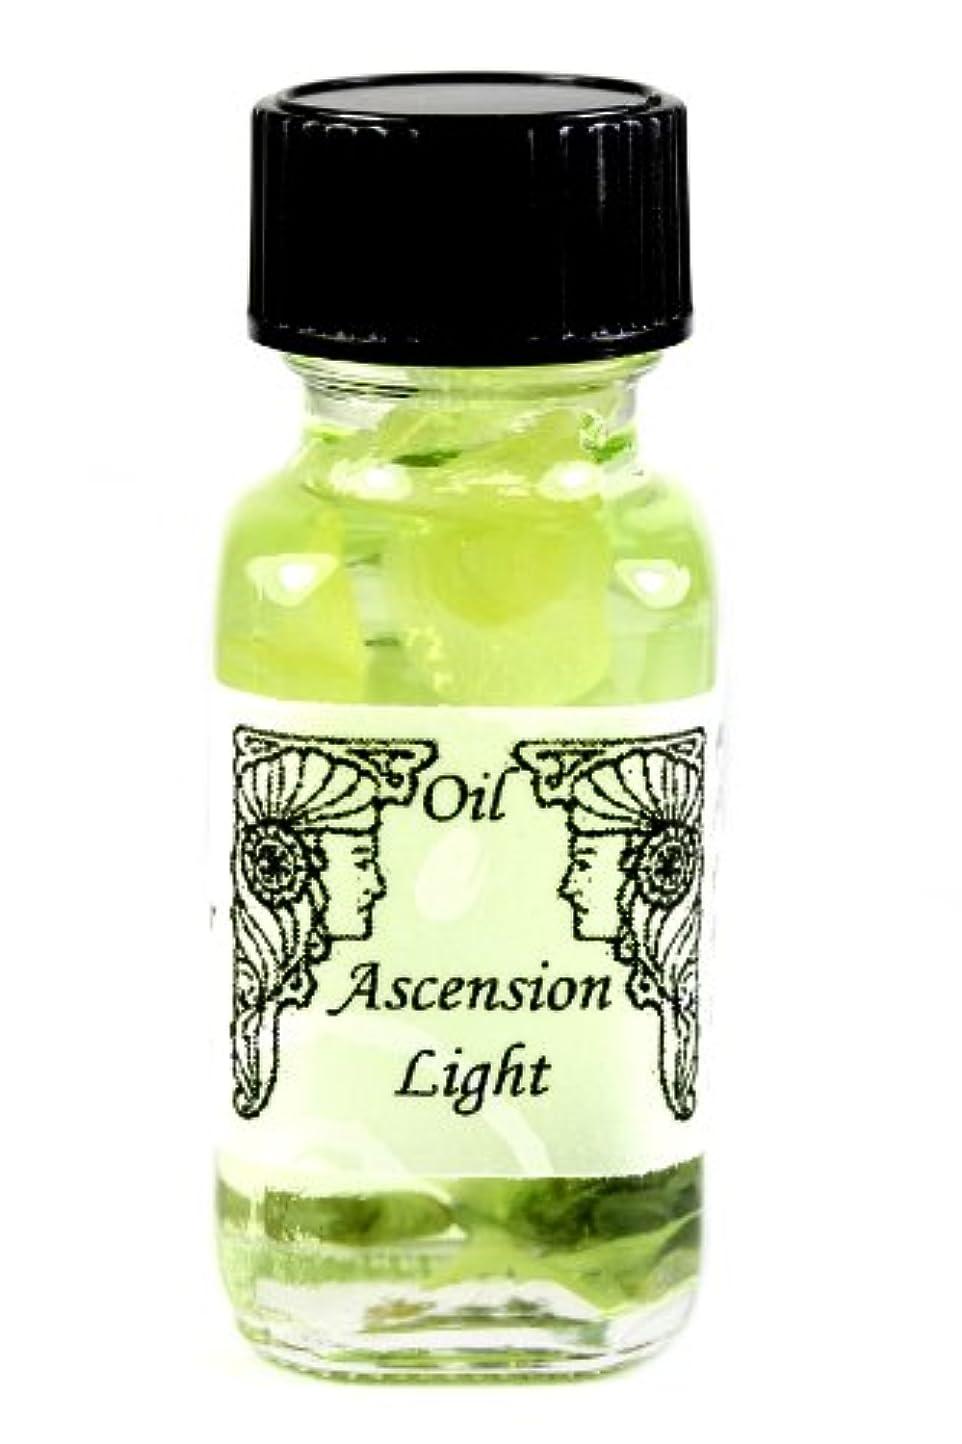 変形ポケット征服者アンシェントメモリーオイル Ascension Light アセンション?ライト 【アセンションの光】(2014年新作)